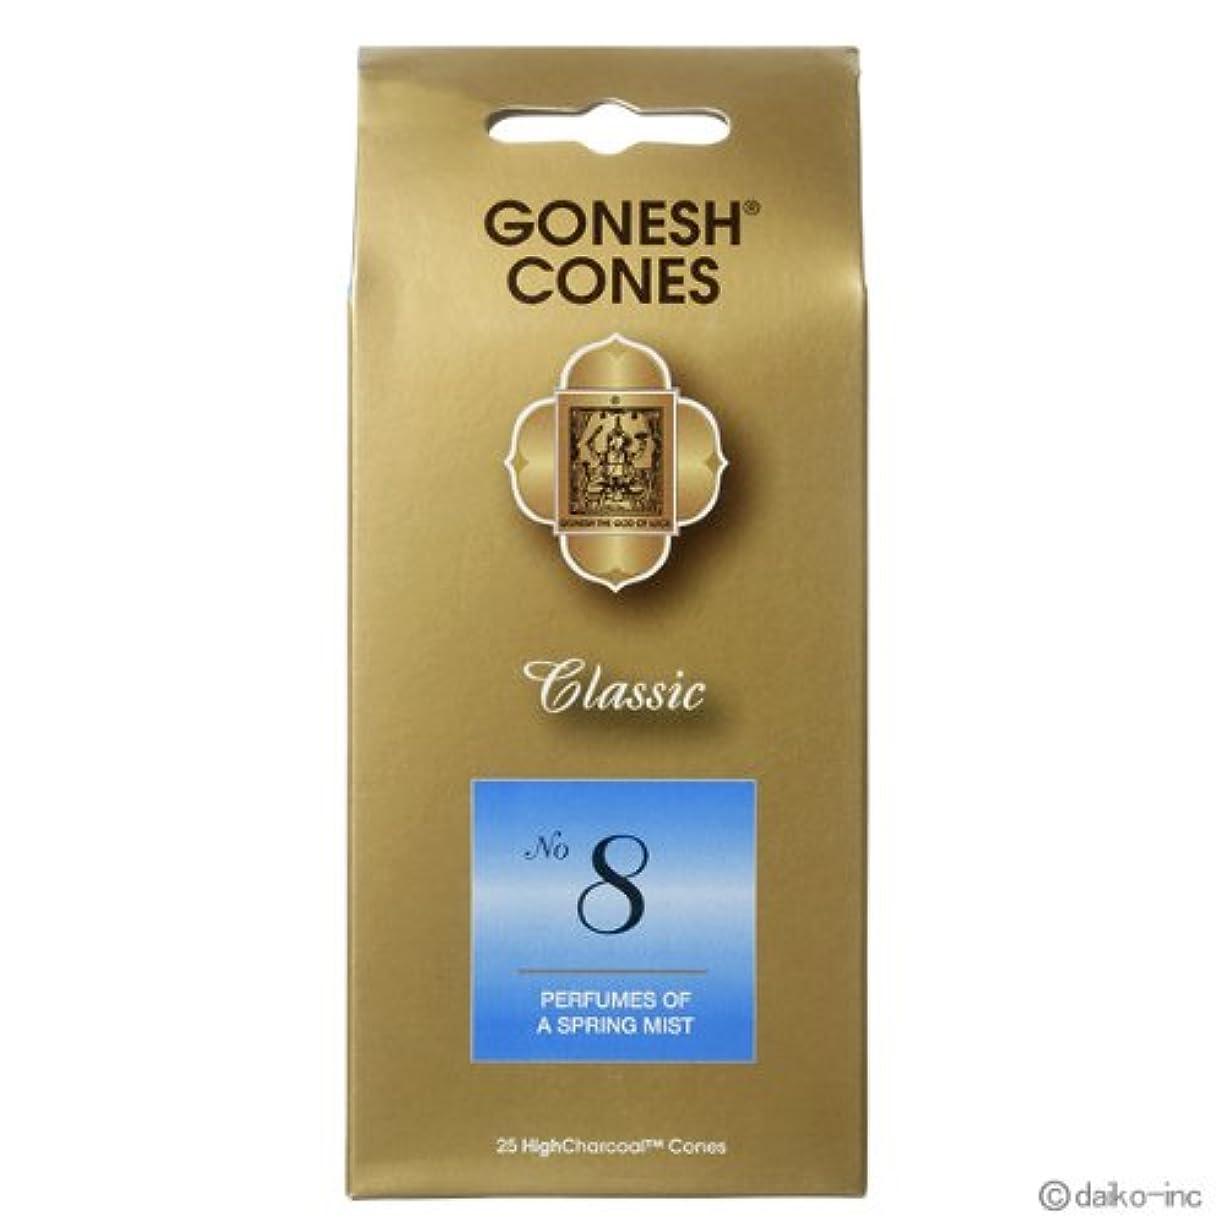 従事する狭い振る舞いガーネッシュ GONESH クラシック No.8 お香コーン25ヶ入 6個セット